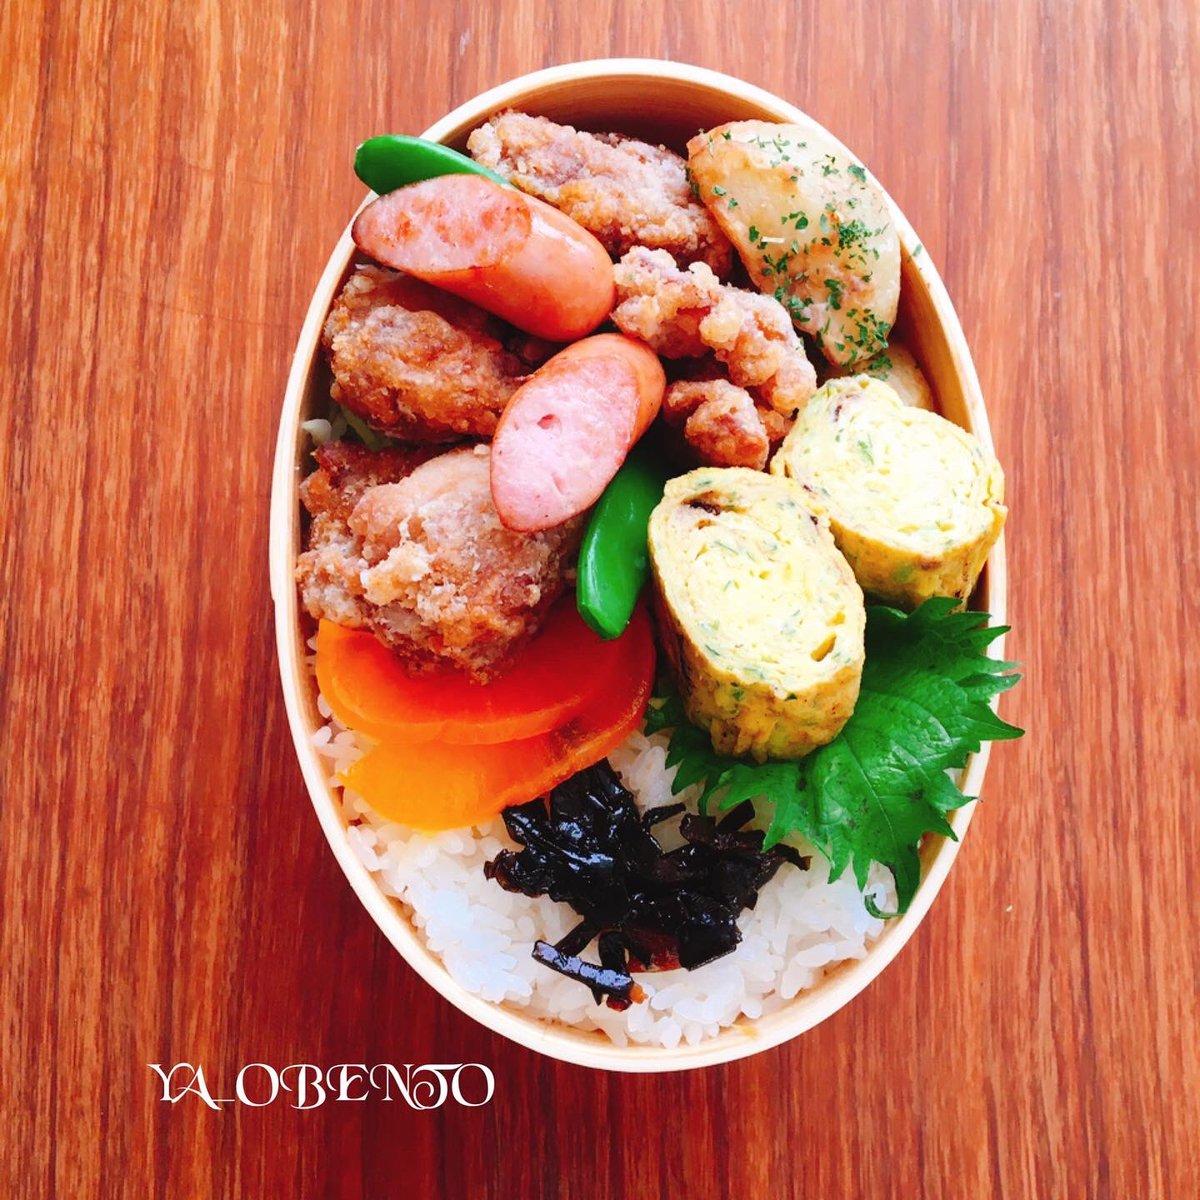 今日のお弁当 #今日のお弁当 pic.twitter.com/TkMhtVBio4